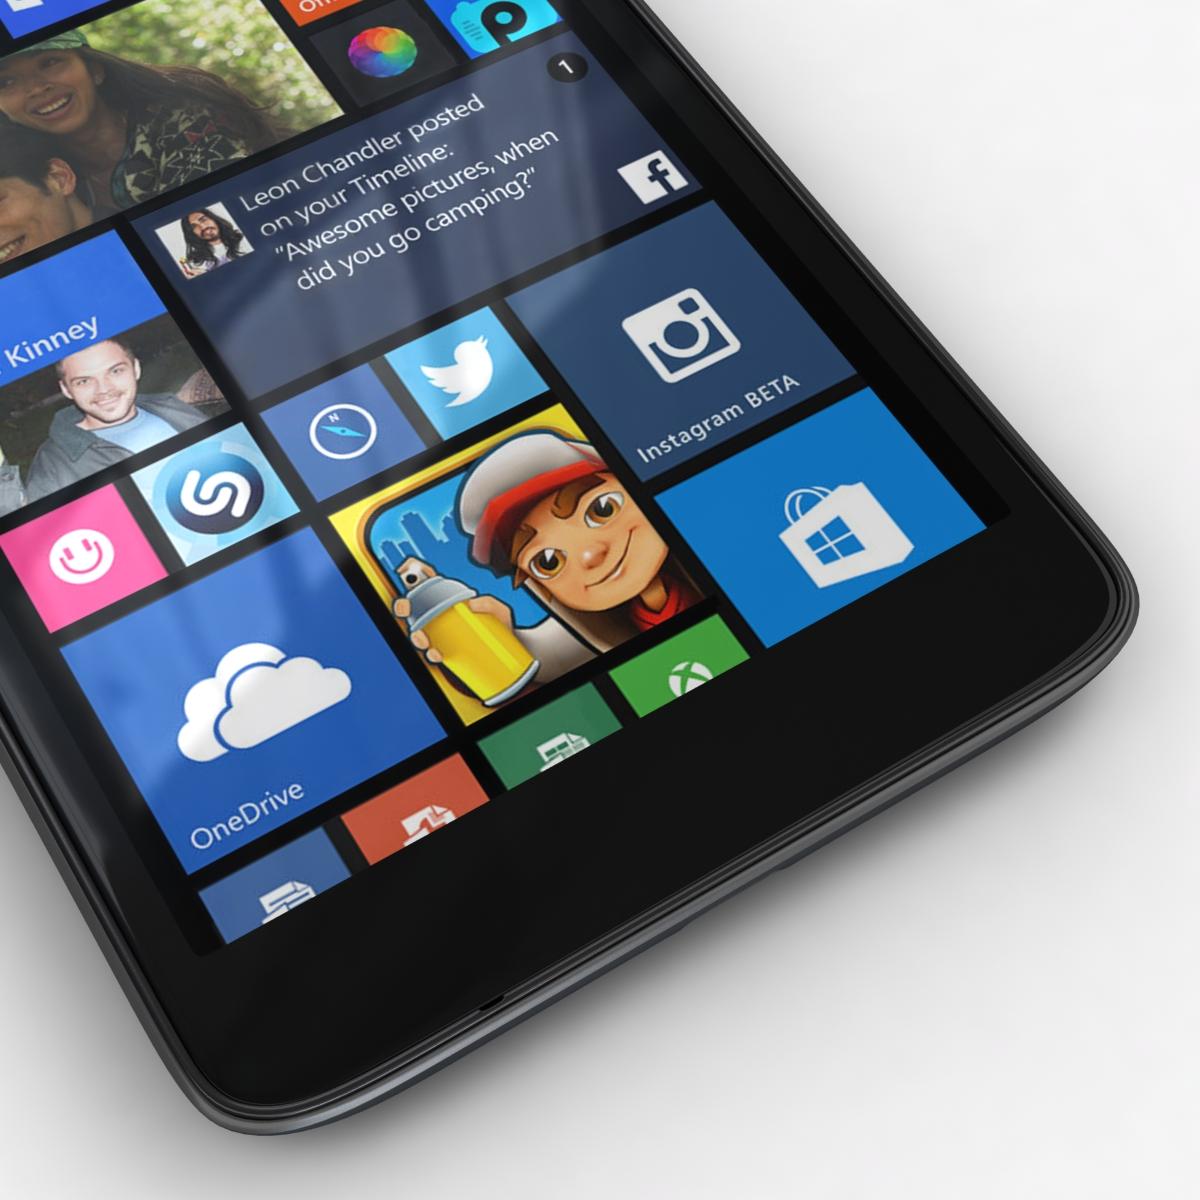 microsoft lumia 535 and dual sim gray 3d model 3ds max fbx c4d obj 204466